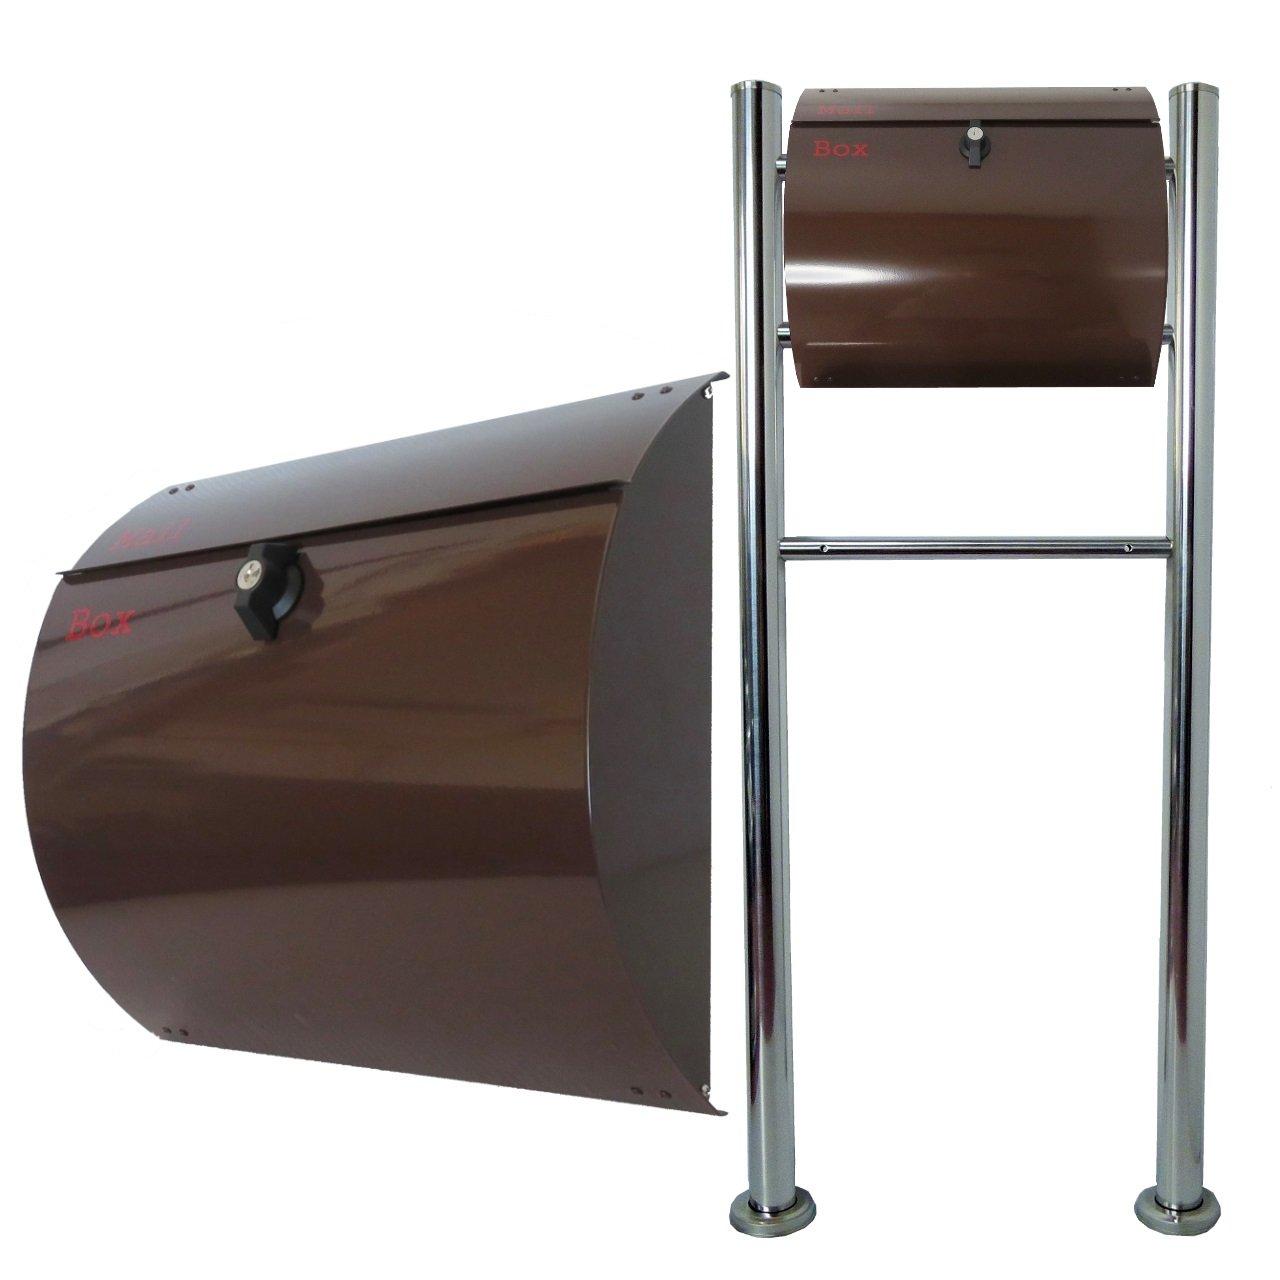 郵便ポスト郵便受けおしゃれ北欧風飾りバー付スタンド型プレミアムステンレスブラウン色ポストpm06f-pm061-1 B076GTQ2X5 20880